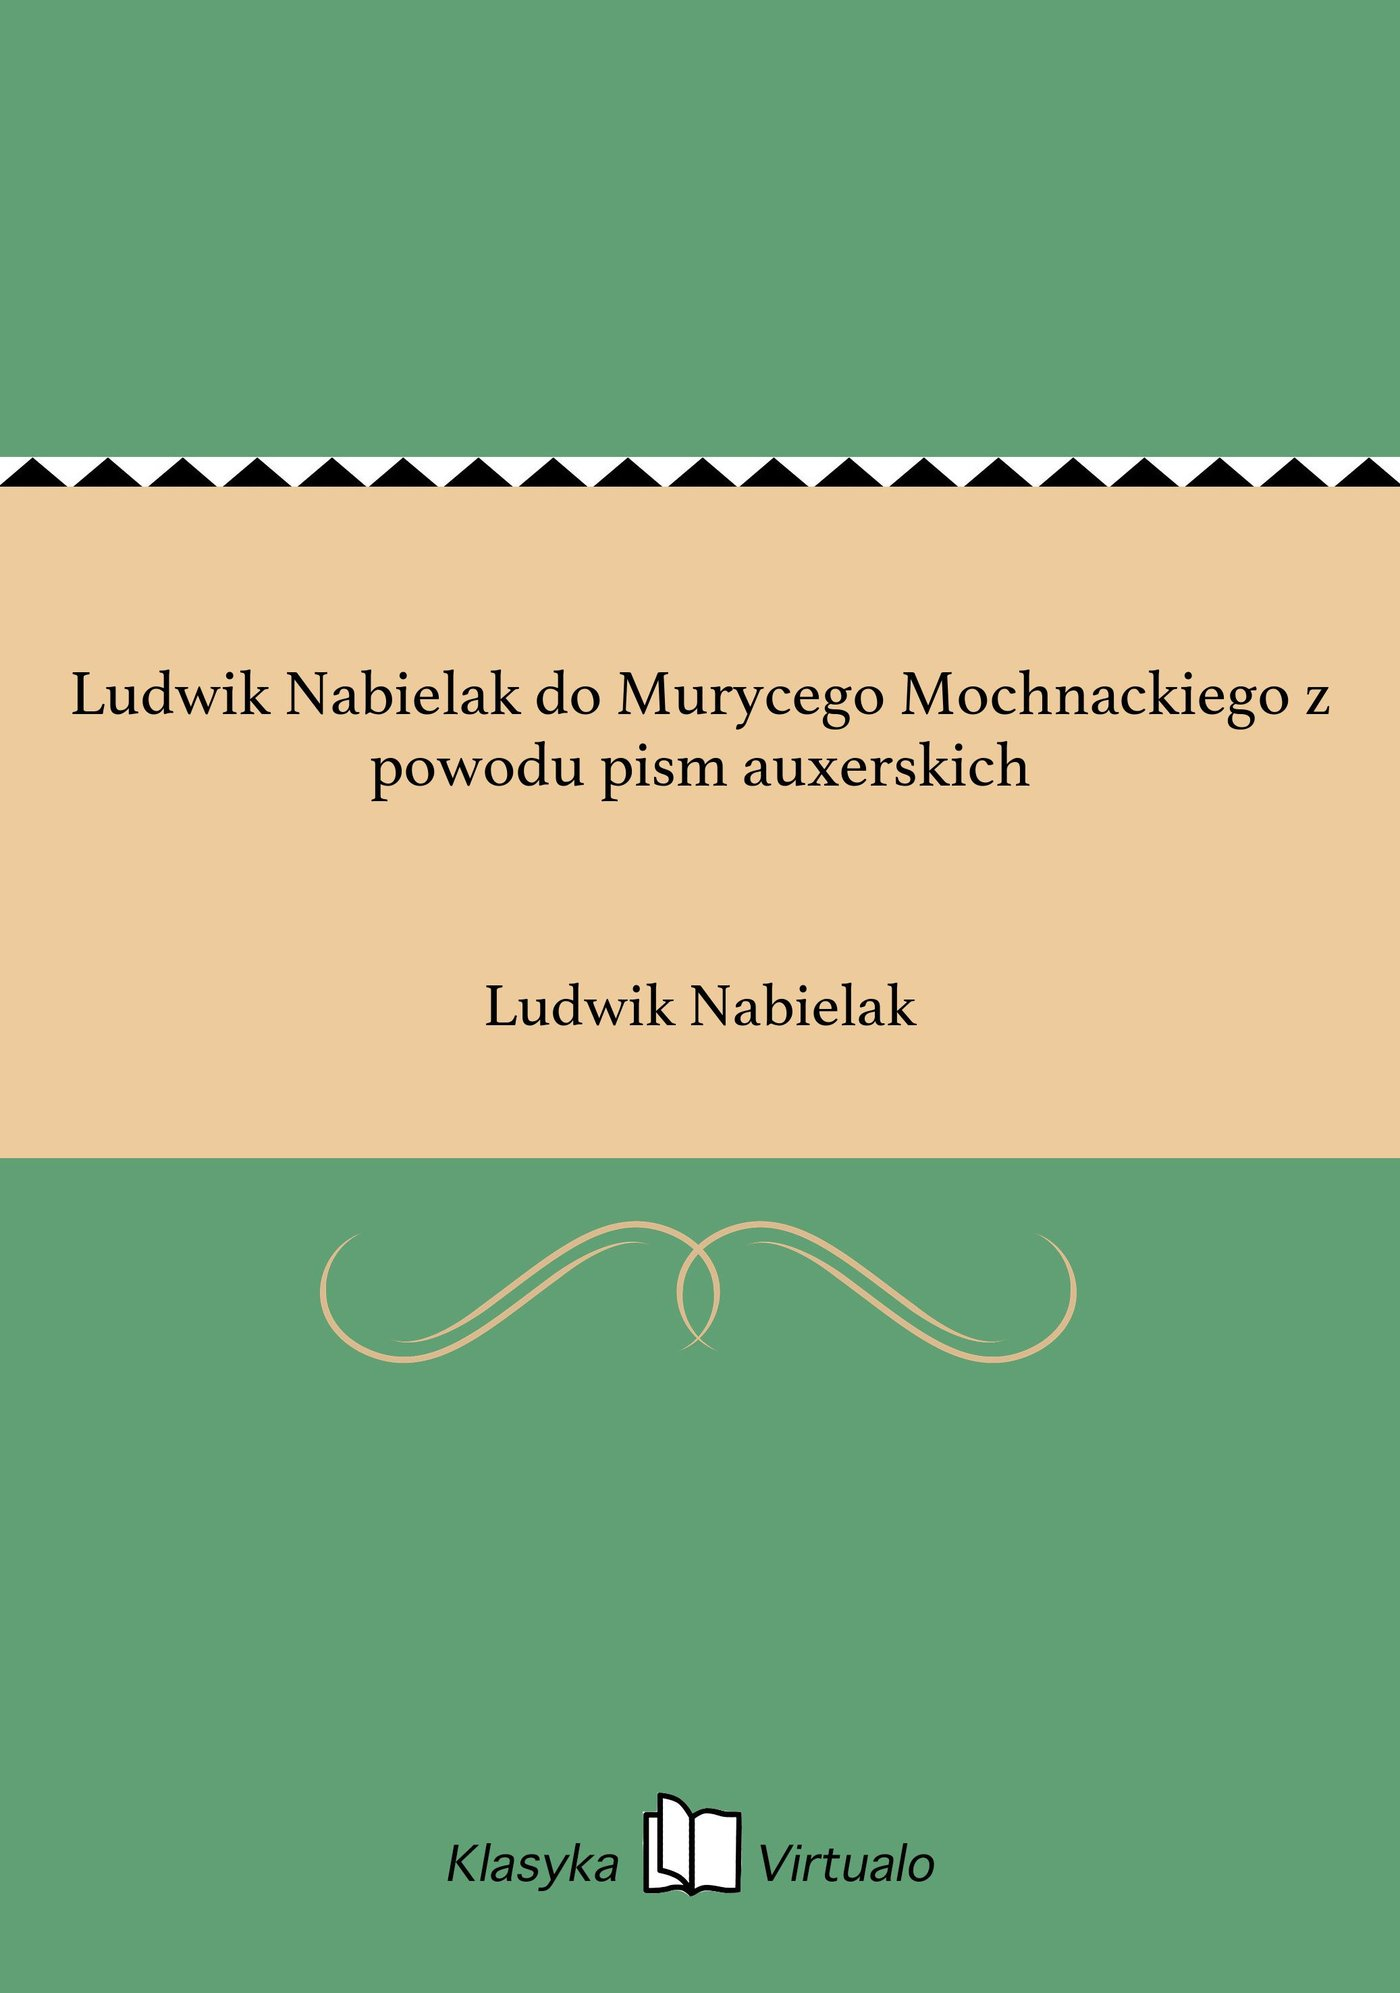 Ludwik Nabielak do Murycego Mochnackiego z powodu pism auxerskich - Ebook (Książka EPUB) do pobrania w formacie EPUB